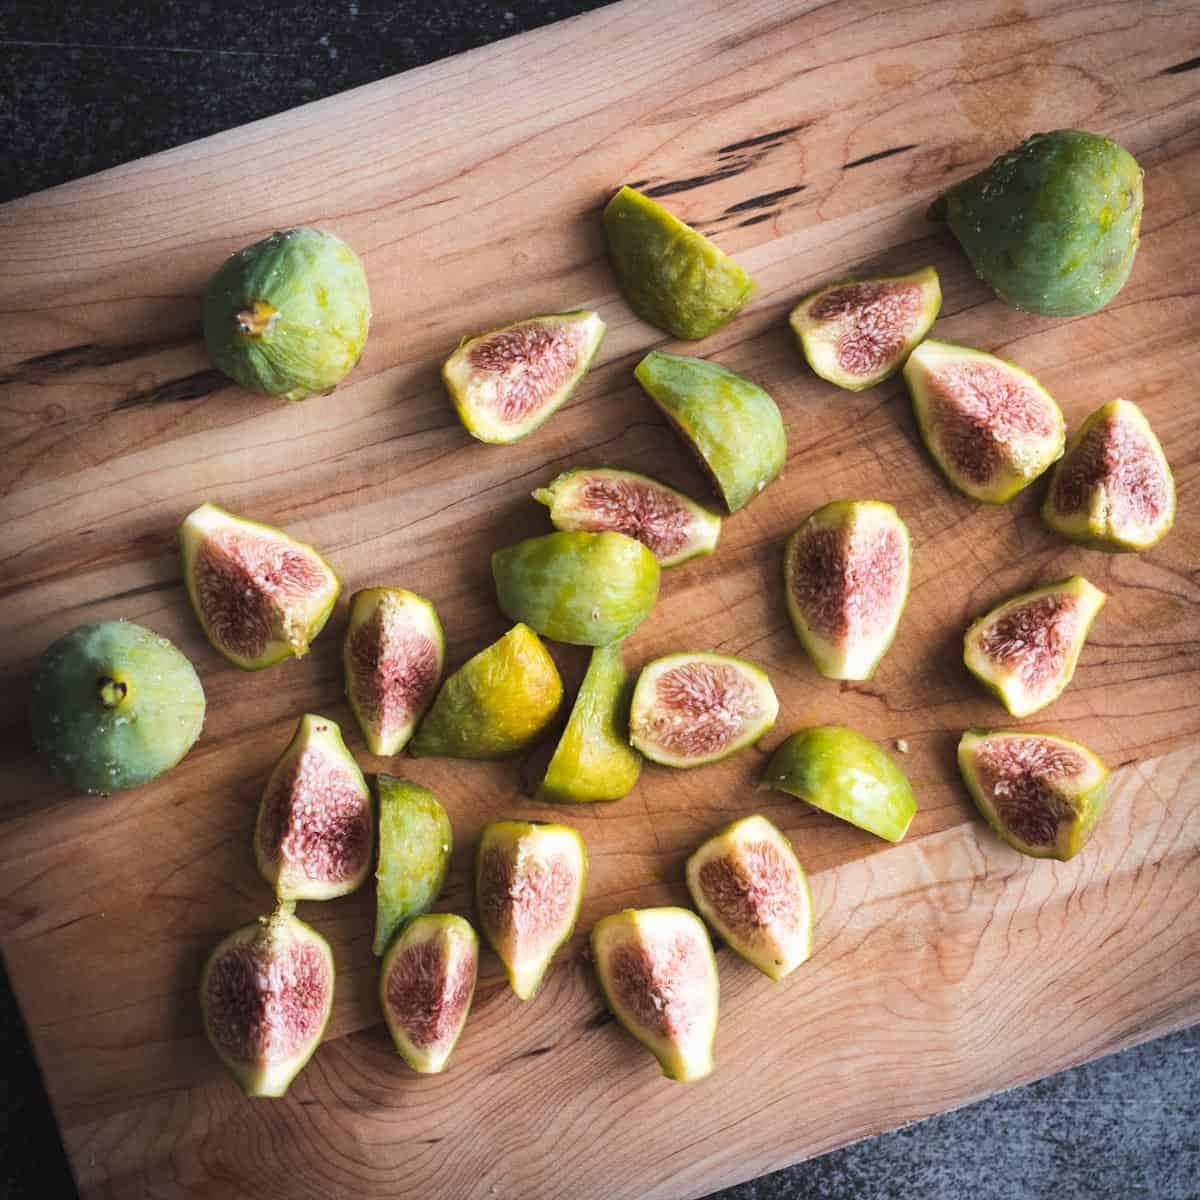 cut green figs on a cutting board